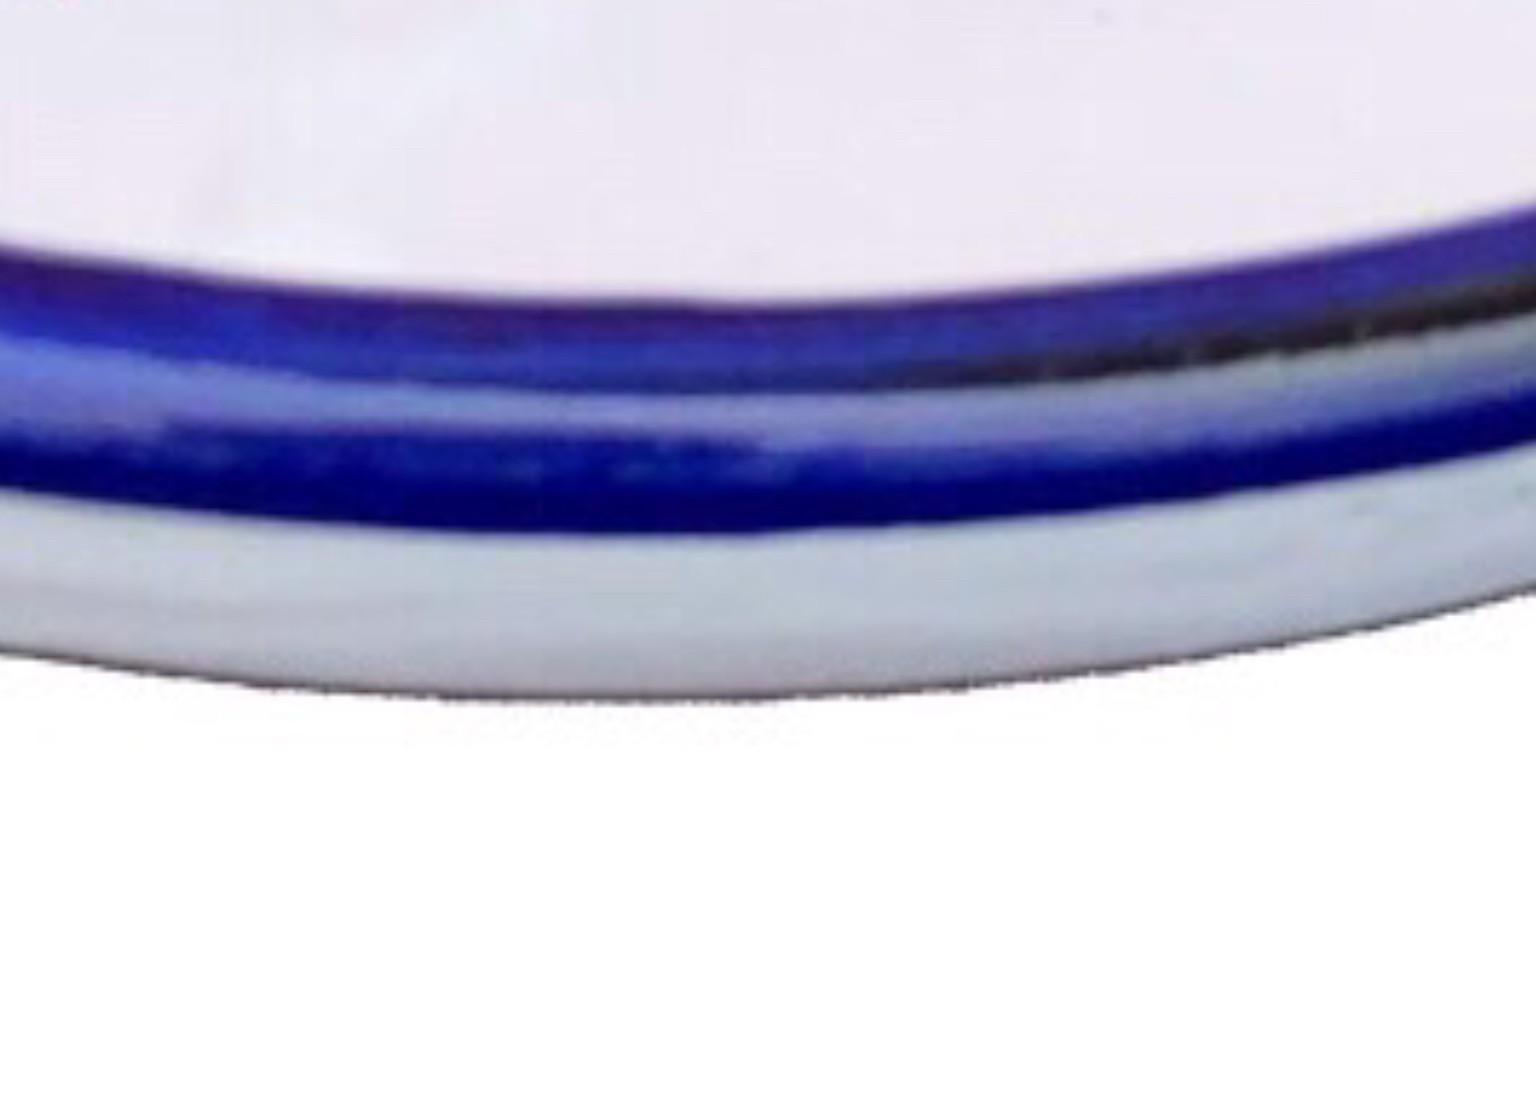 blanco filo azul